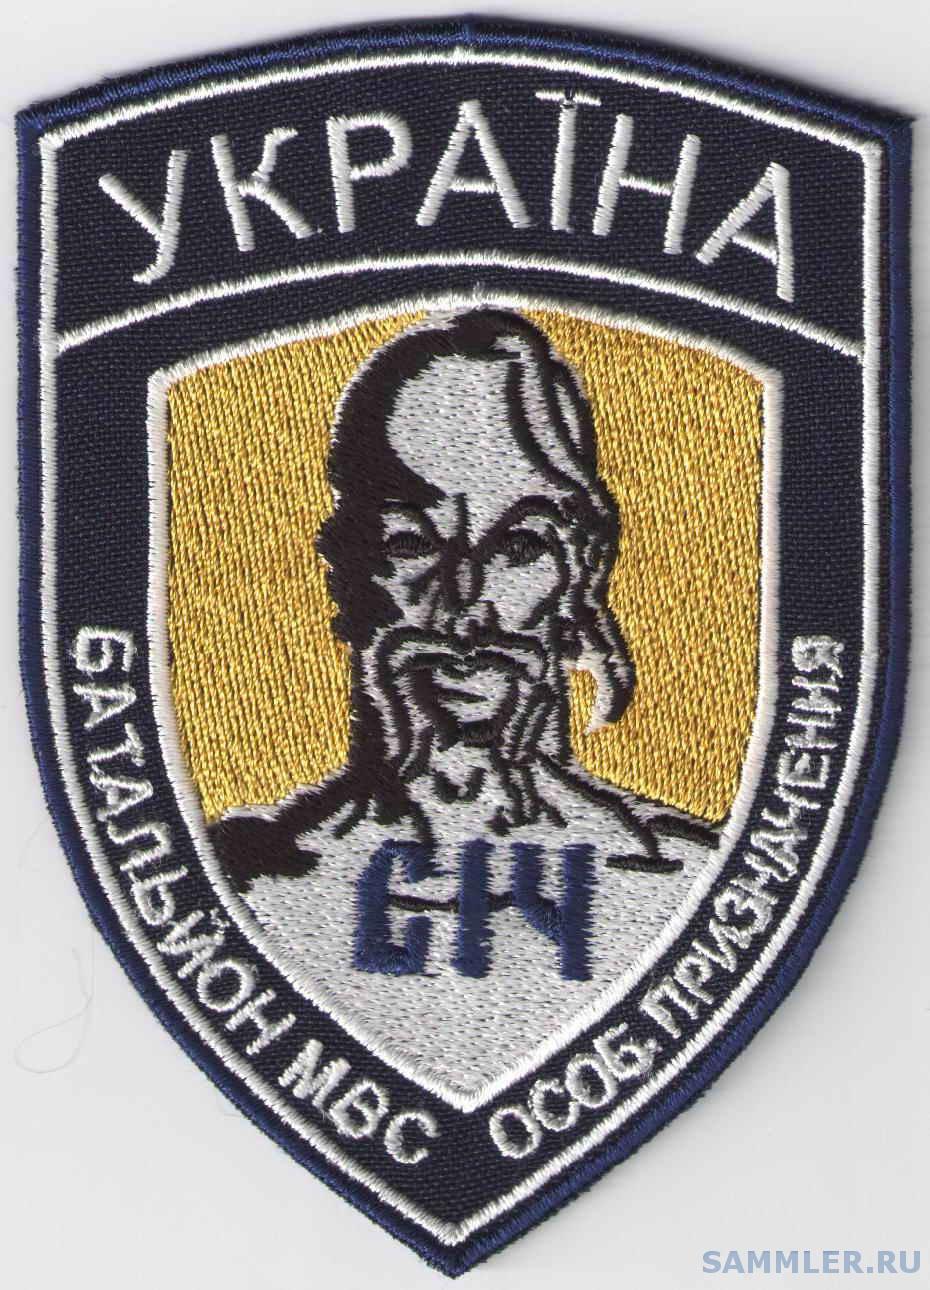 БПСМОН ГУМВД в г.Киеве «Січ»3.jpg